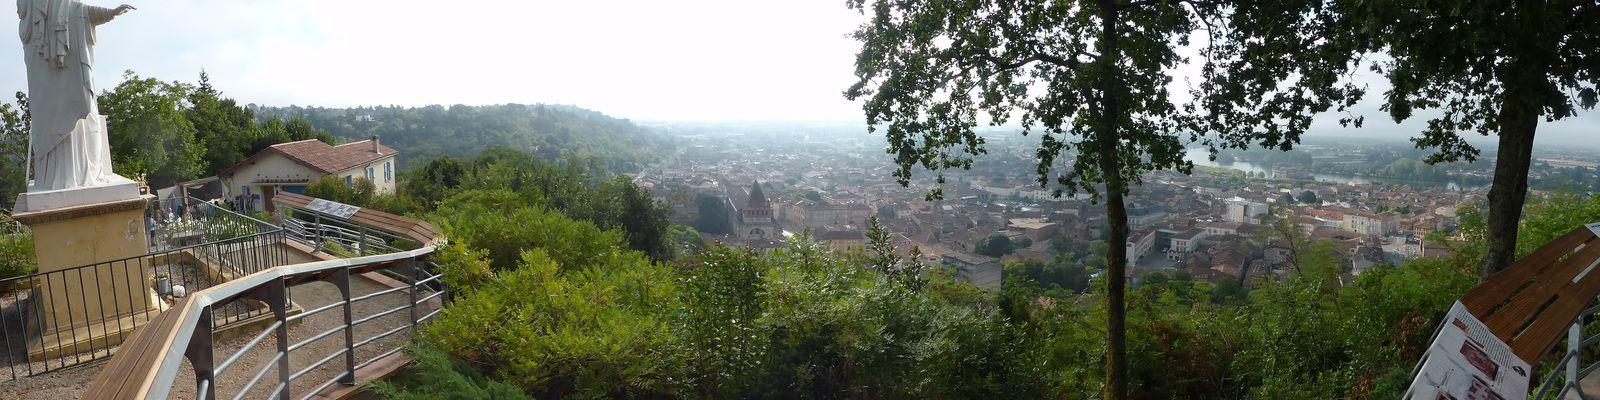 A proximité de notre gîte d'étape, se trouvent une vierge et une vue sur Moissac et la rivière du Tarn.